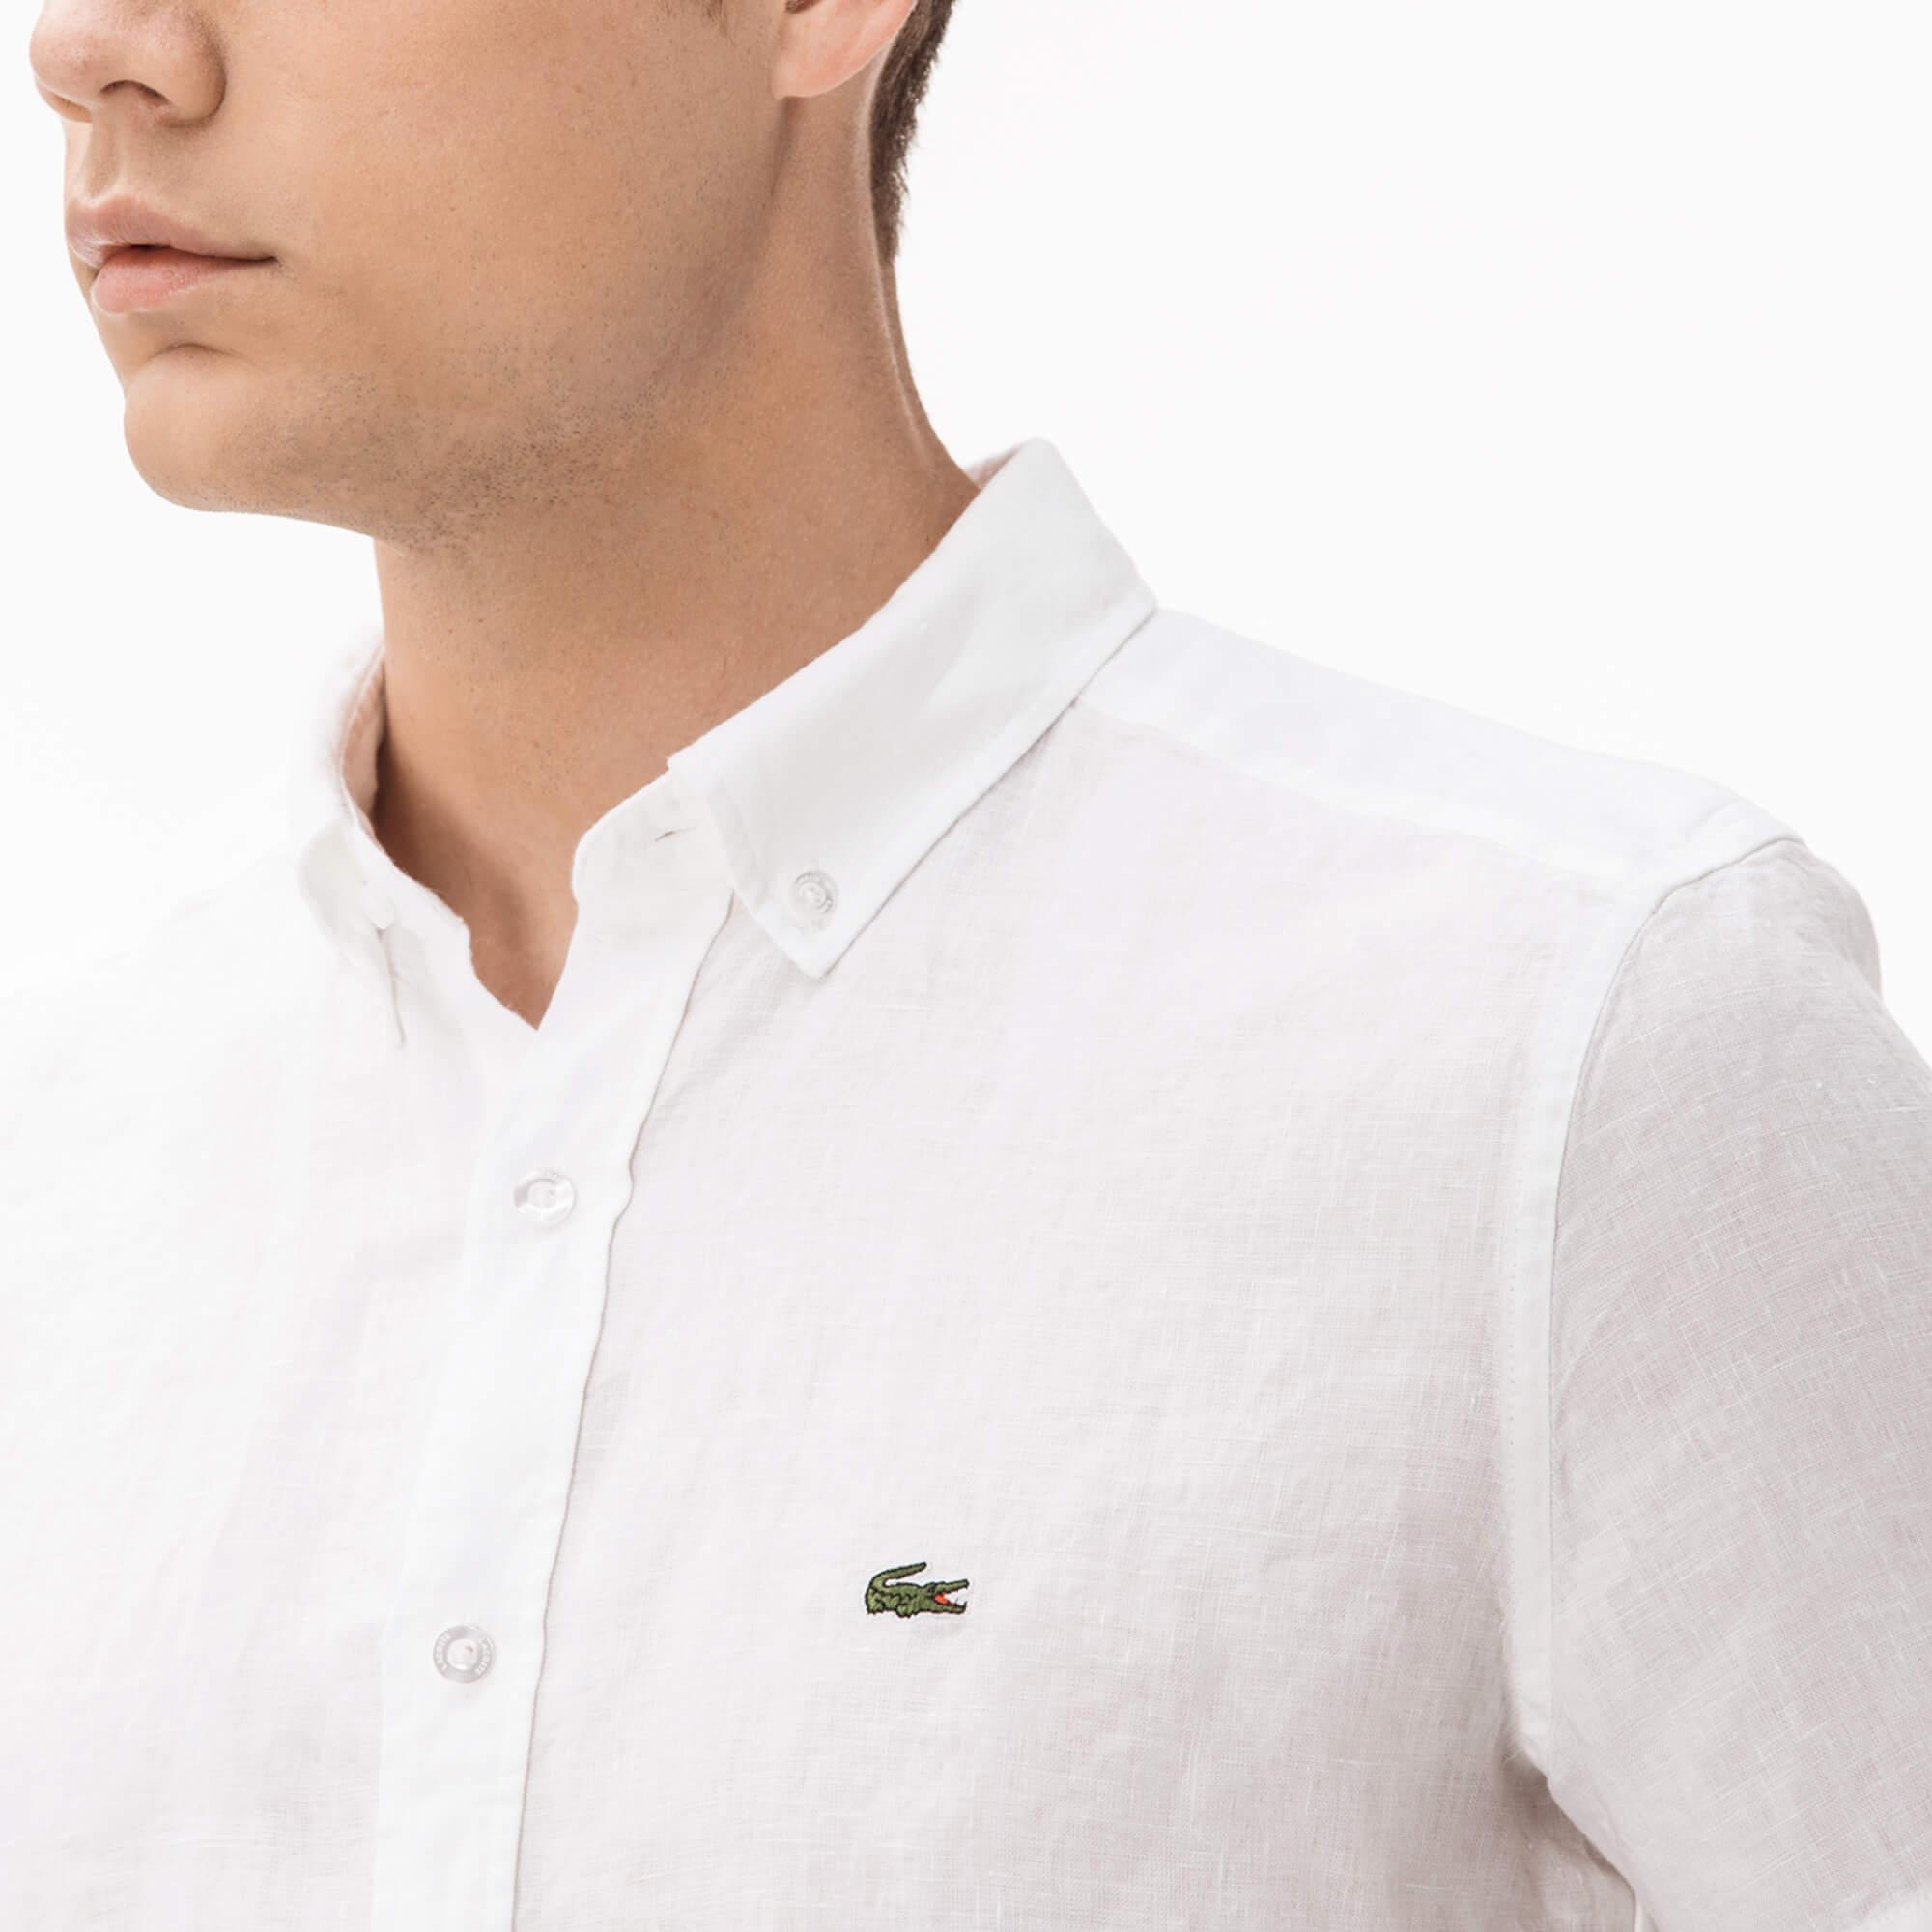 Фото 4 - Мужскую рубашку Lacoste белого цвета